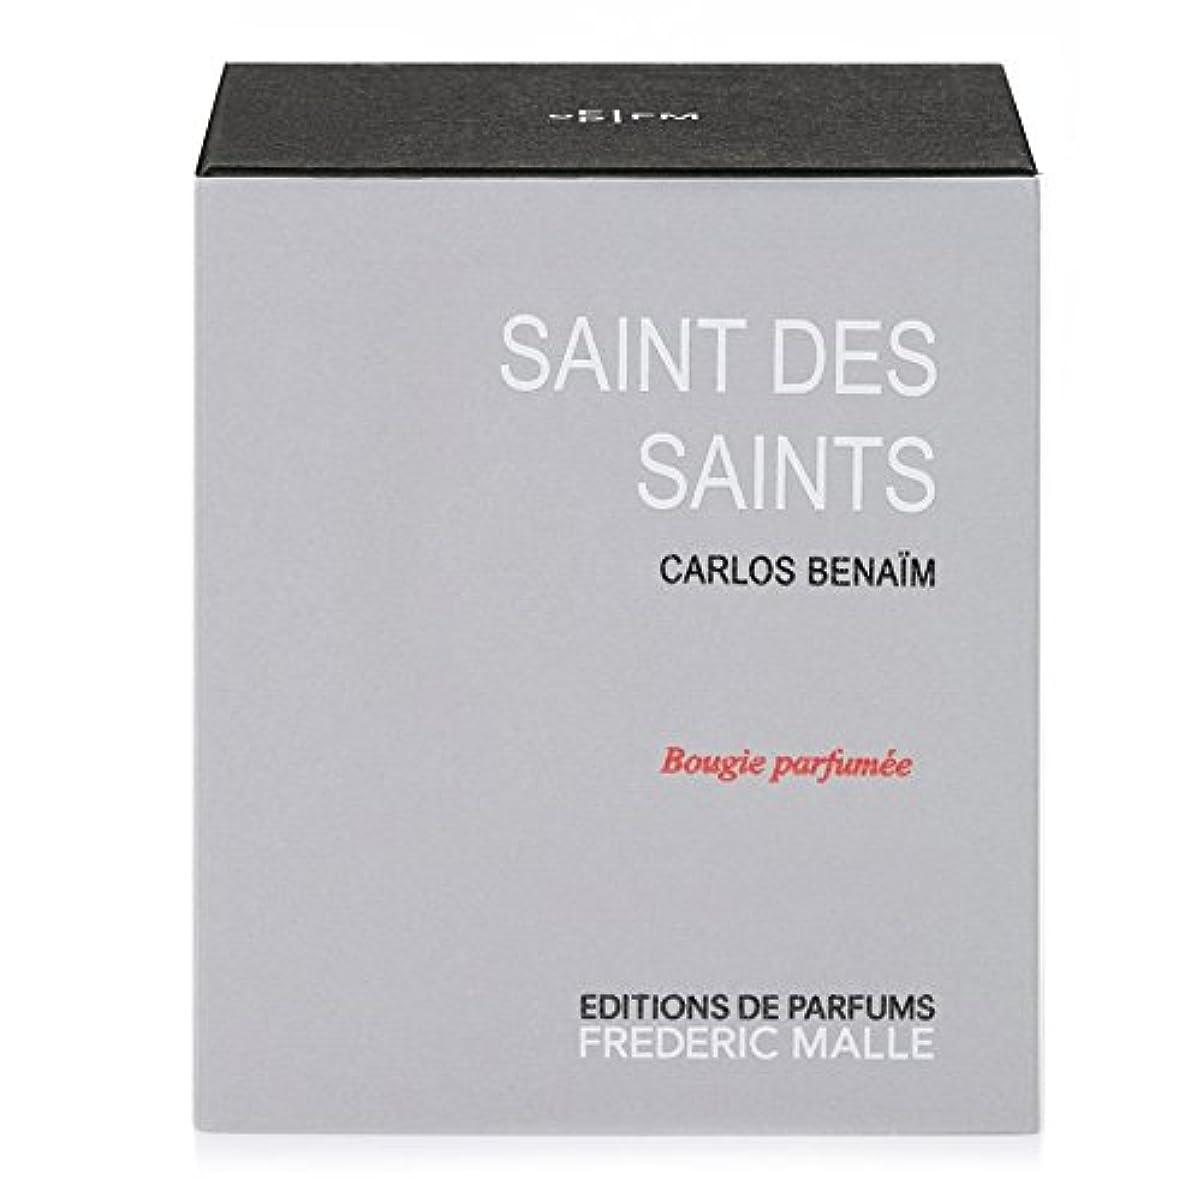 たるみ違う伝導フレデリック?マル聖人デ聖人の香りのキャンドル220グラム x6 - Frederic Malle Saint Des Saints Scented Candle 220g (Pack of 6) [並行輸入品]